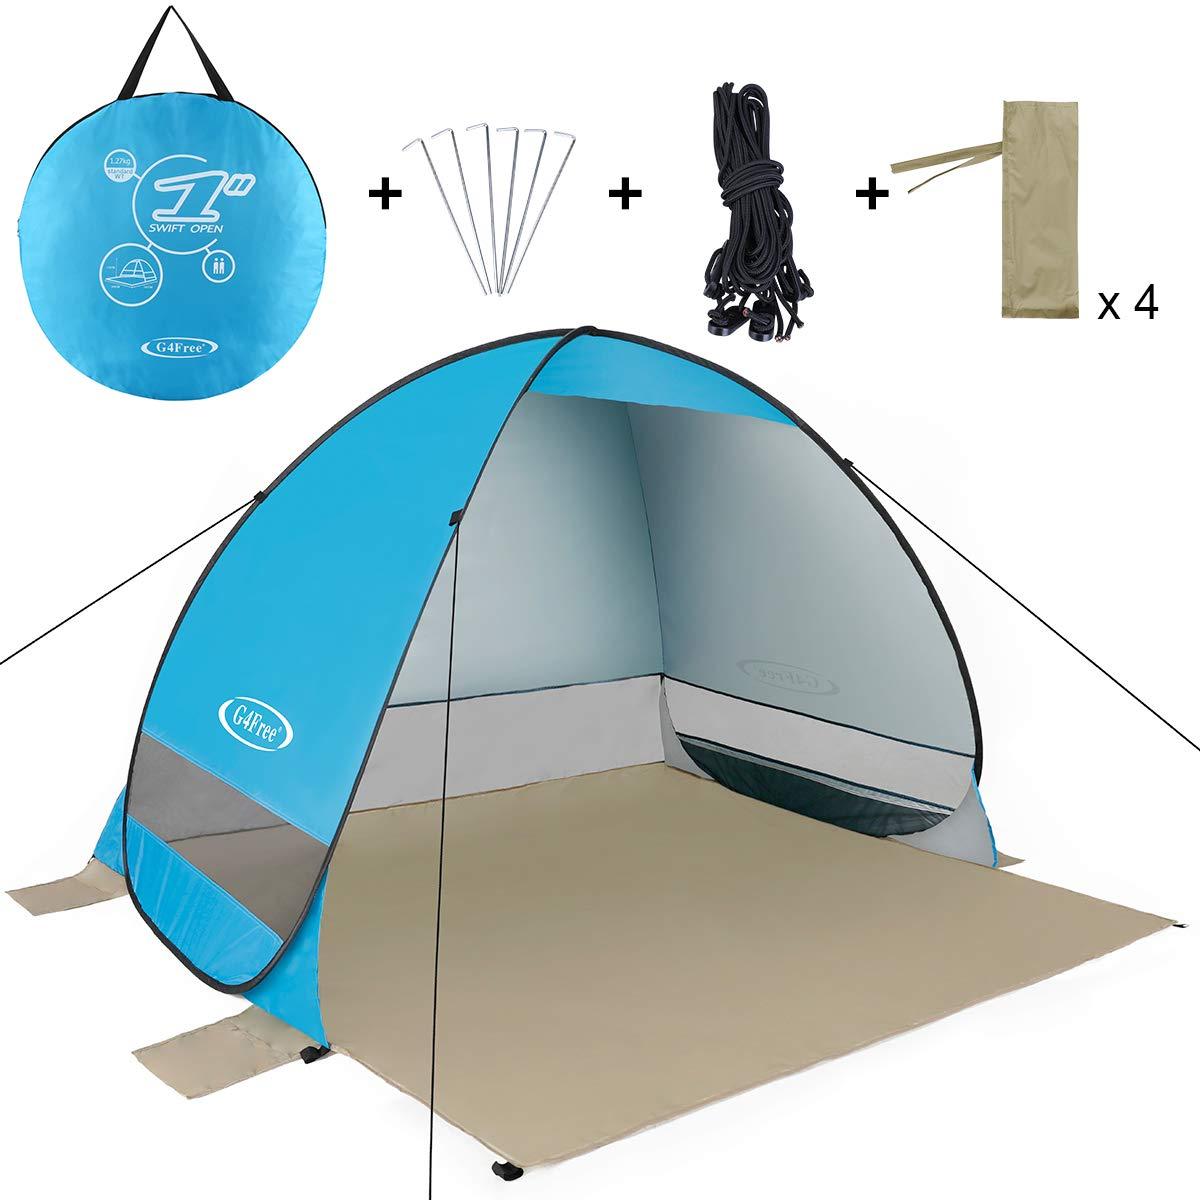 G4Free アウトドア自動ポップアップインスタントポータブルカバナビーチテント 2~3人用 釣りアンチUVビーチテント ビーチシェルター  ブルー-2 B07MSD439S